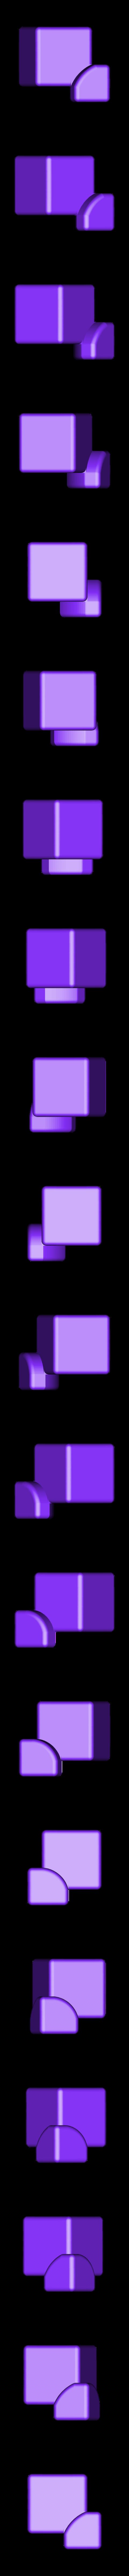 CubeCornerRedesigned.stl Télécharger fichier STL gratuit CUBE! Fully Functional... EASY PRINT... 3x3x3 cube • Plan imprimable en 3D, Balkhagal4D